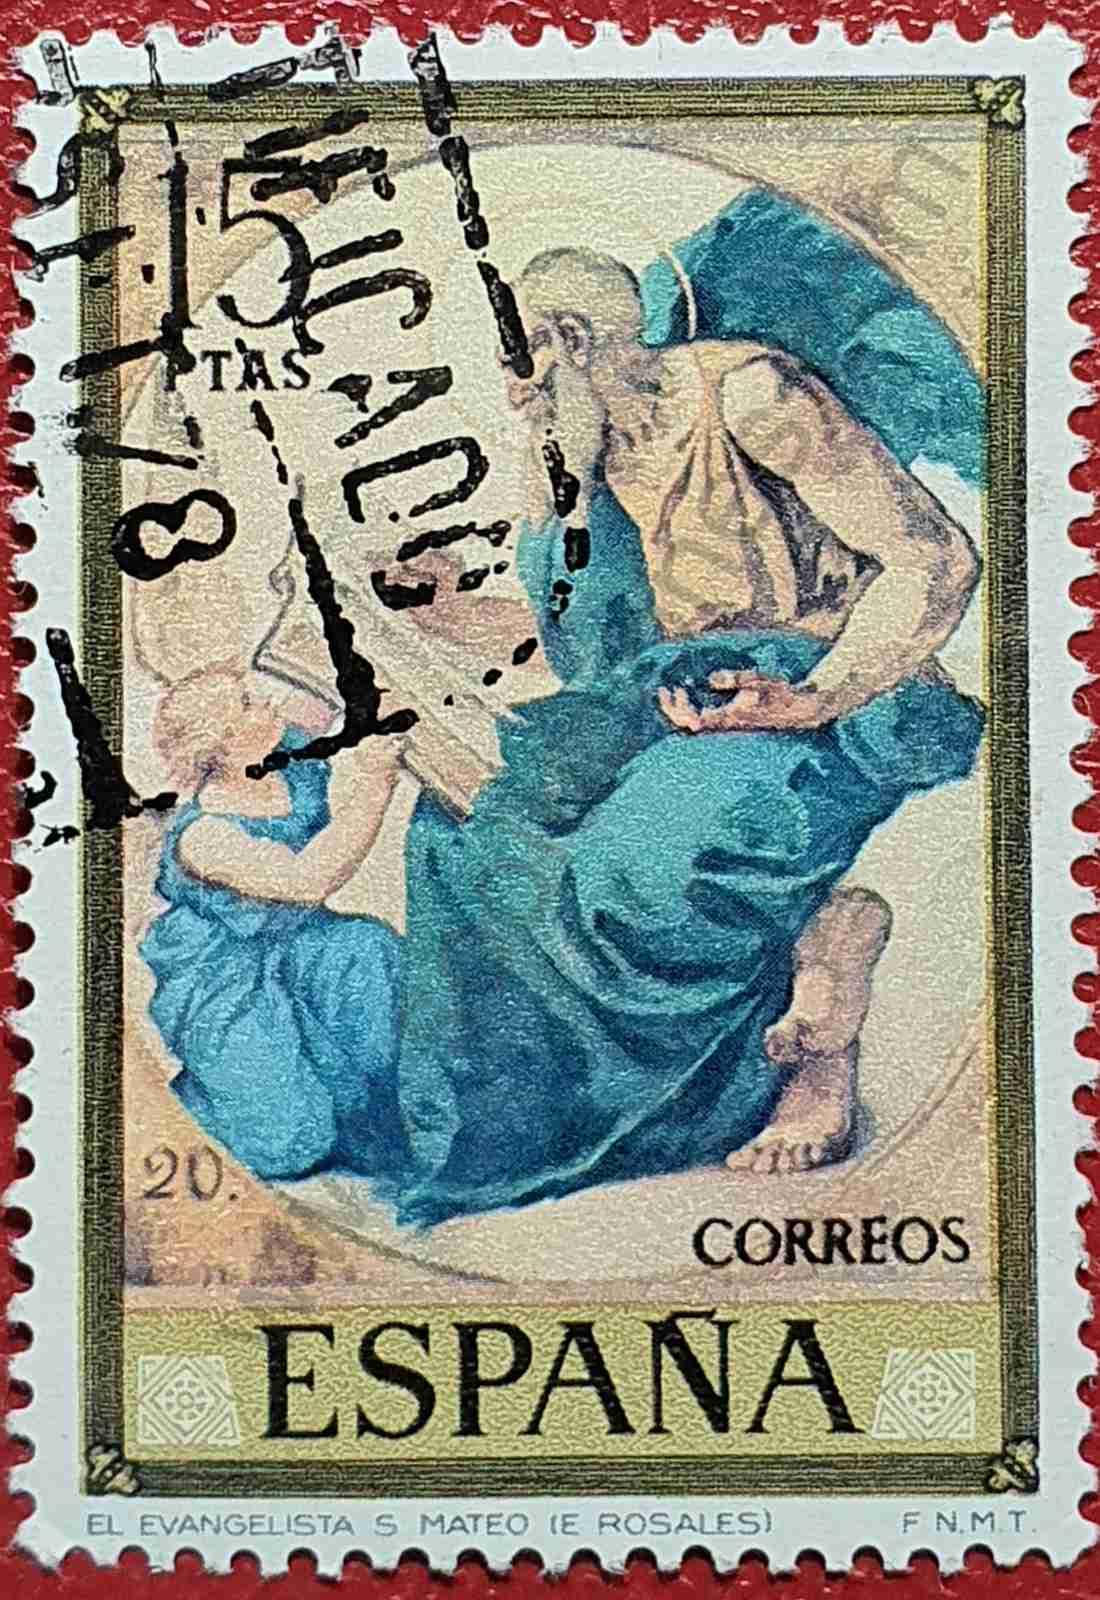 Pintura El evangelista San Mateo - Sello de España 1974